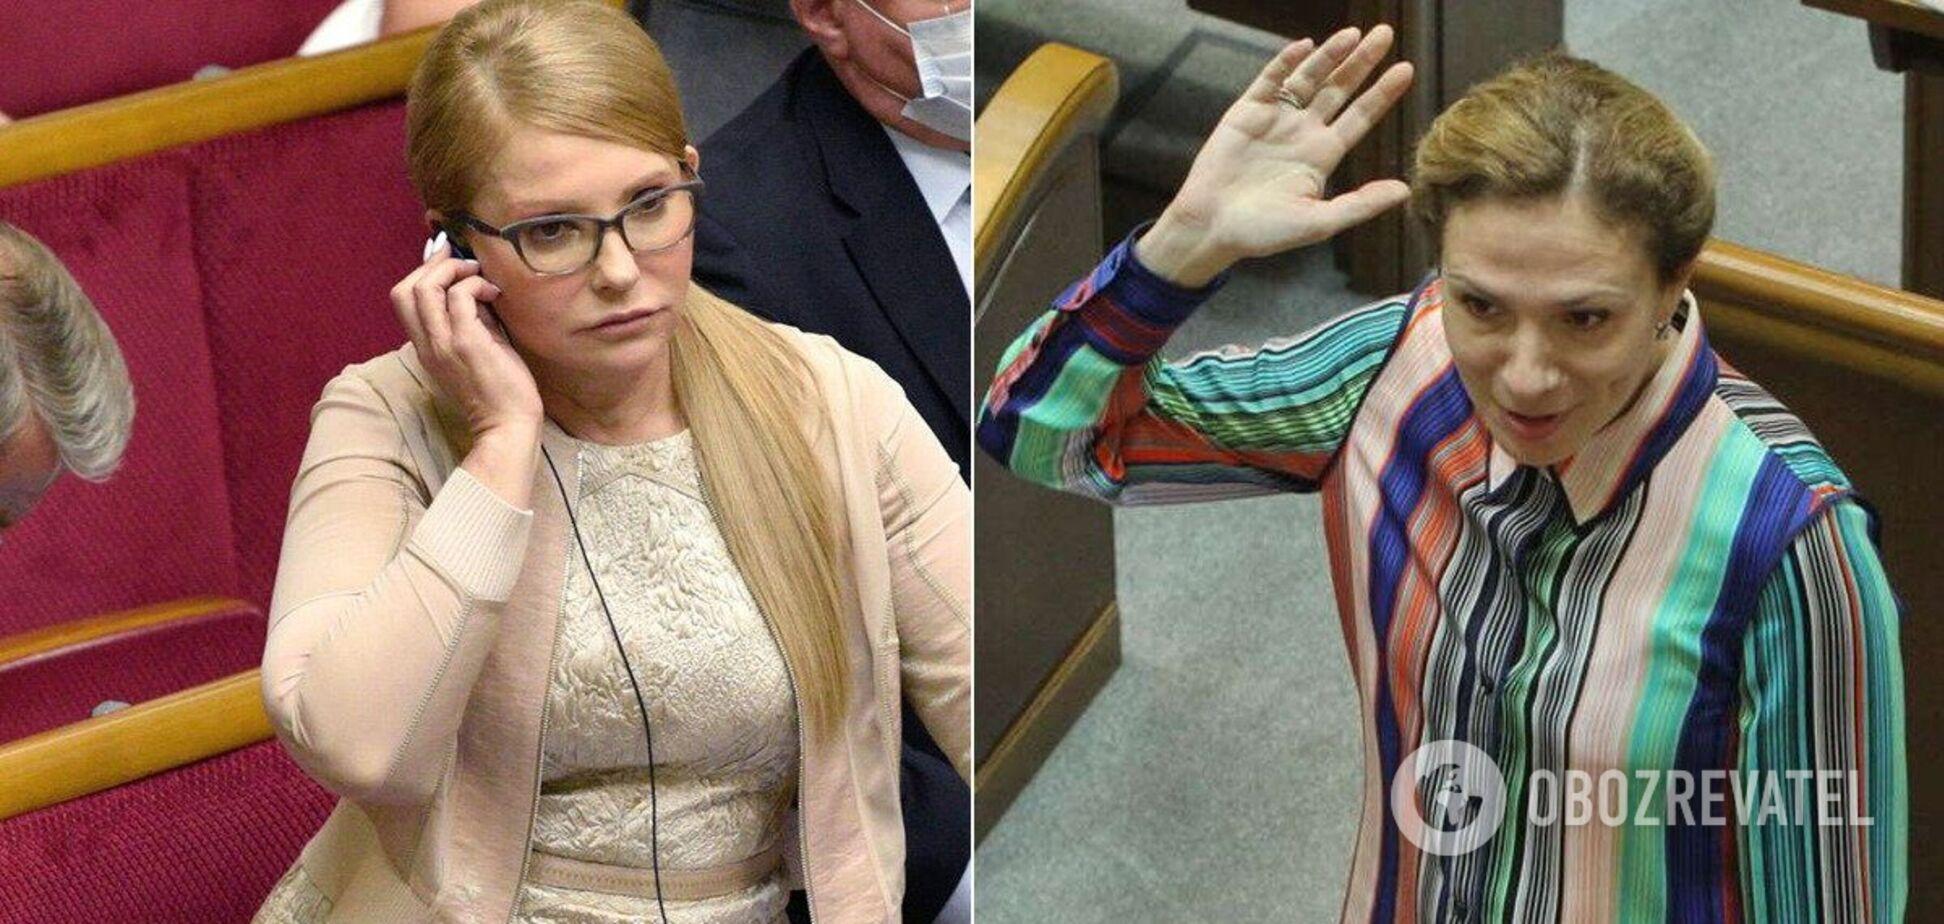 Стильные образы украинских женщин-политиков: в чем ходят в Раду